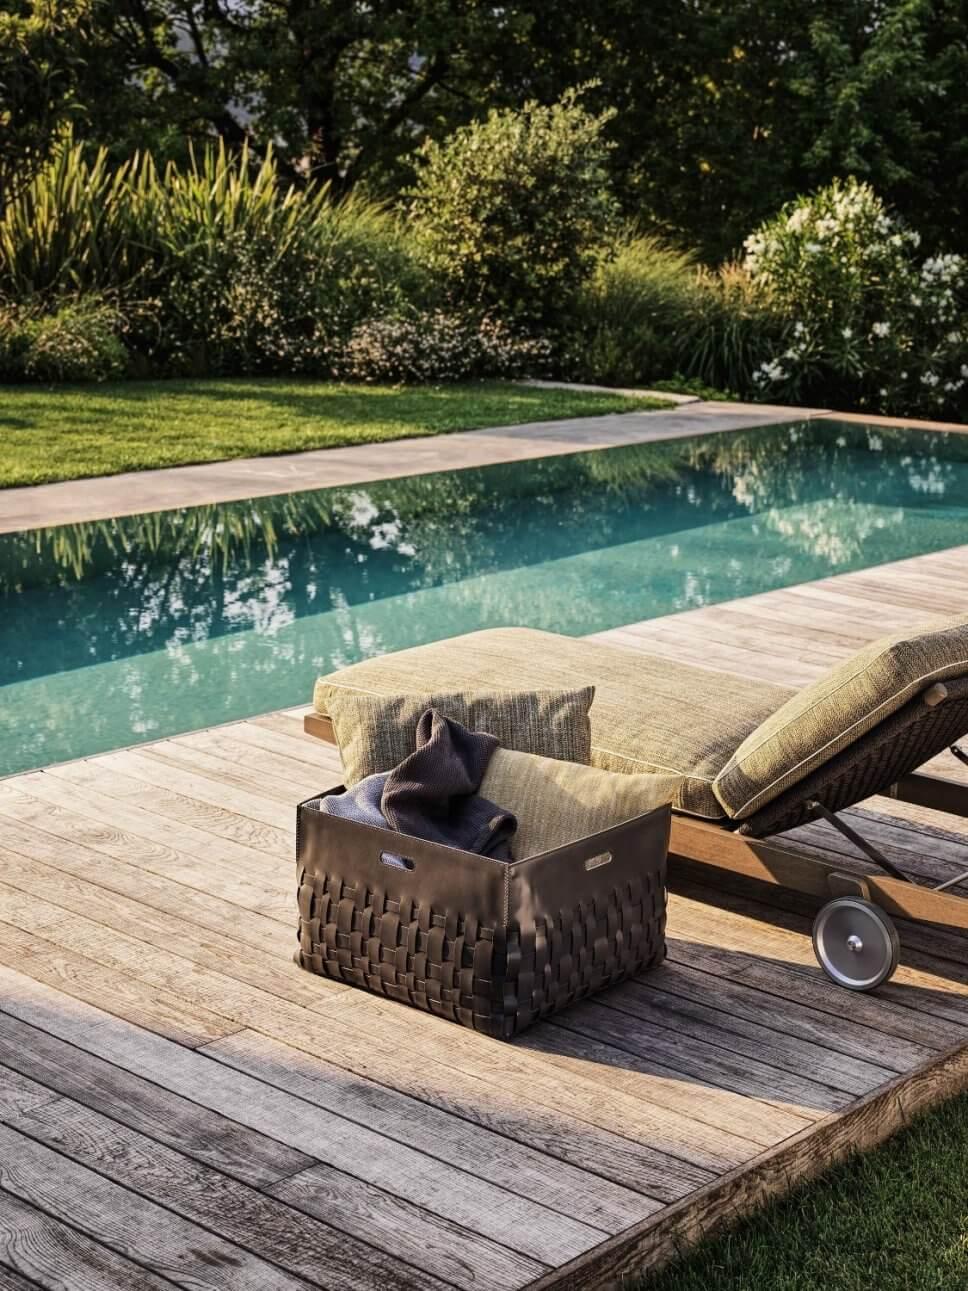 Modernes Sonnenliege auf Terrasse neben Pool